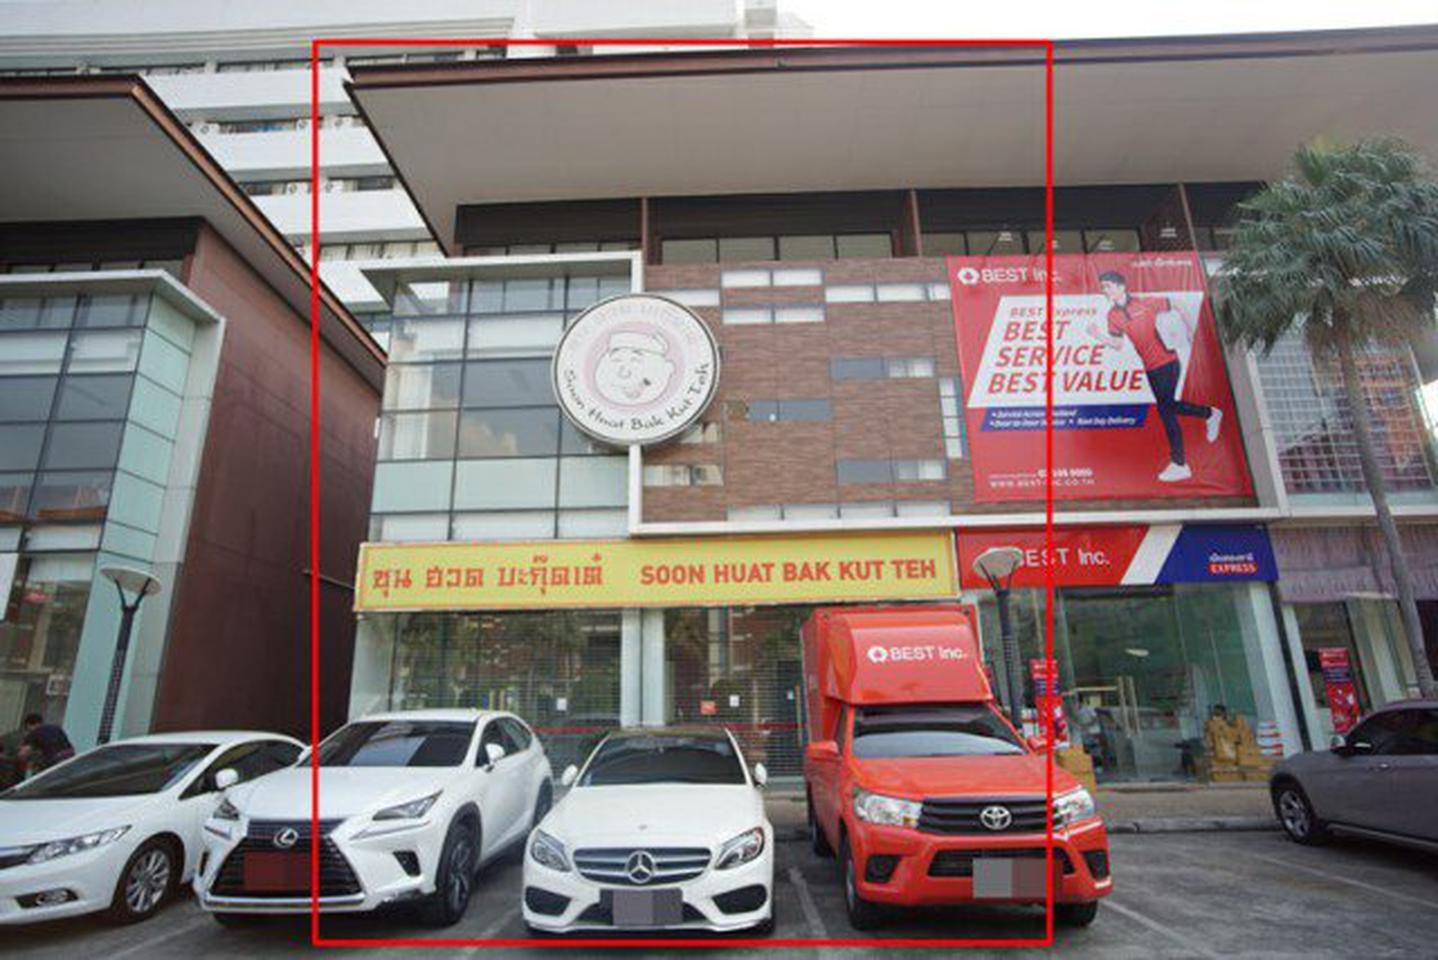 ขายอาคารพาณิชย์ 2 คูหา 3ชั้น เมืองทางธานี  รูปที่ 6